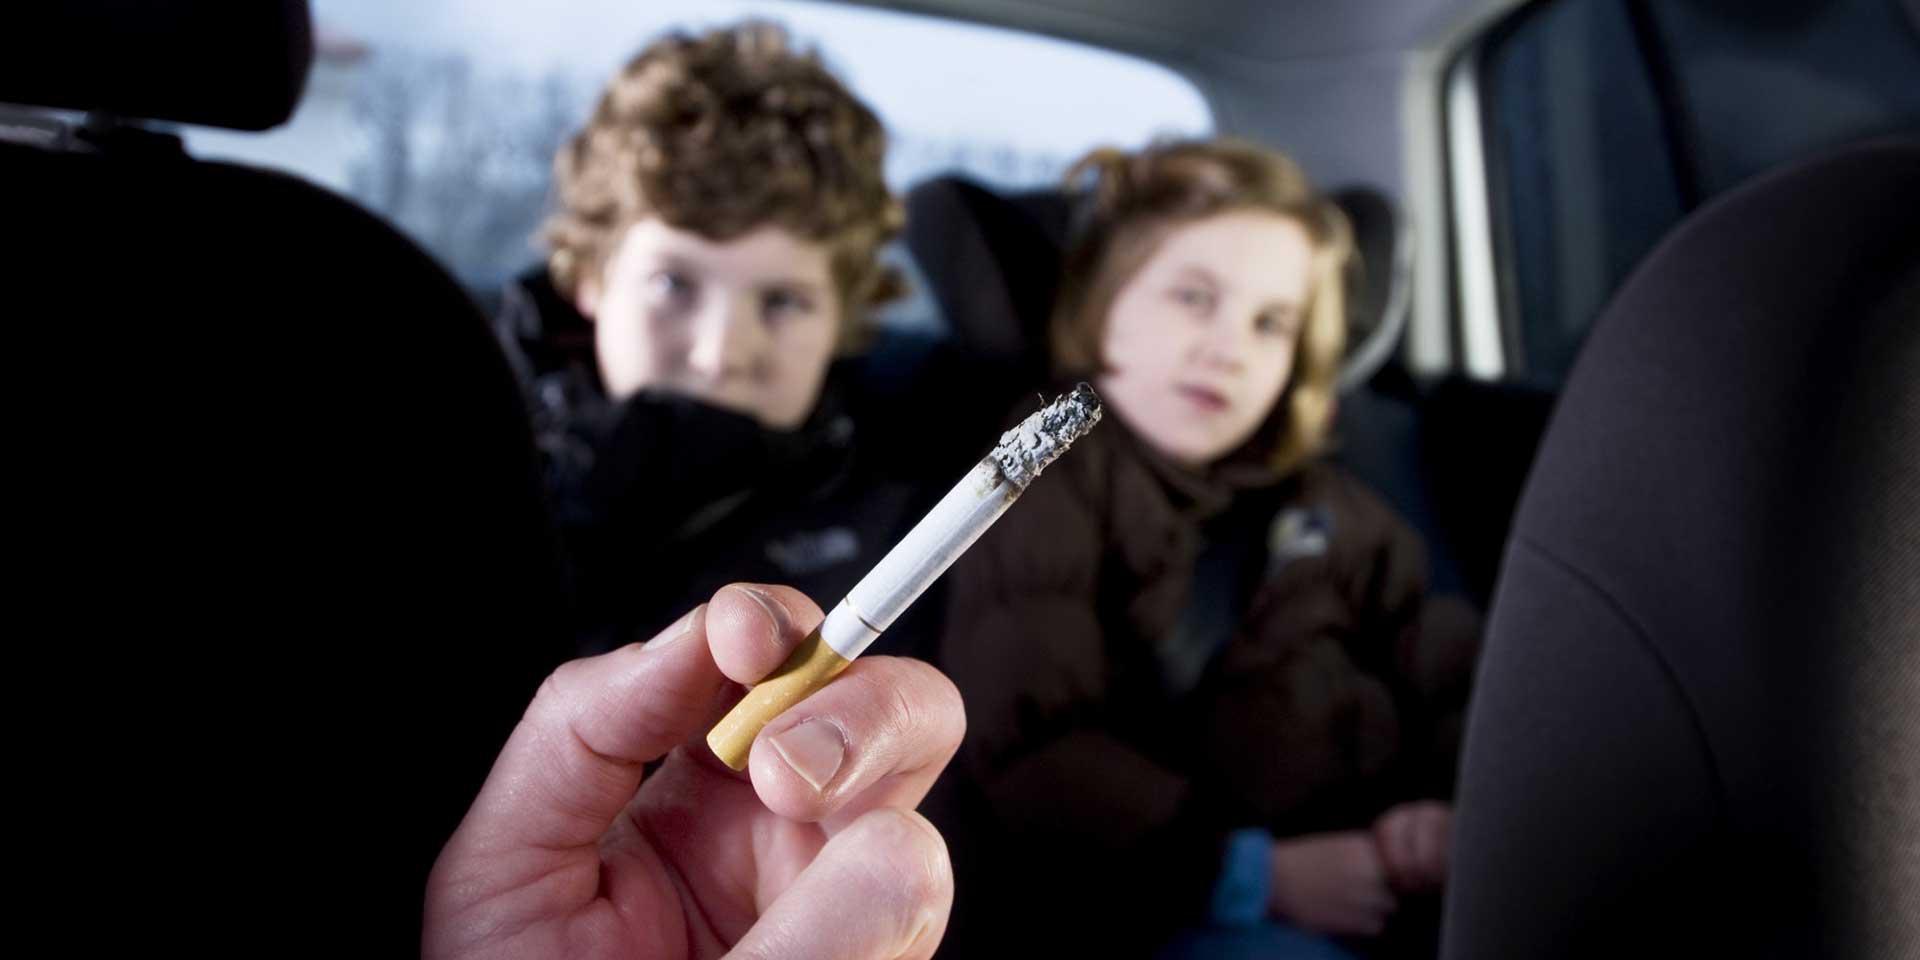 Manfaat Merokok, yang tidak kamu ketahui